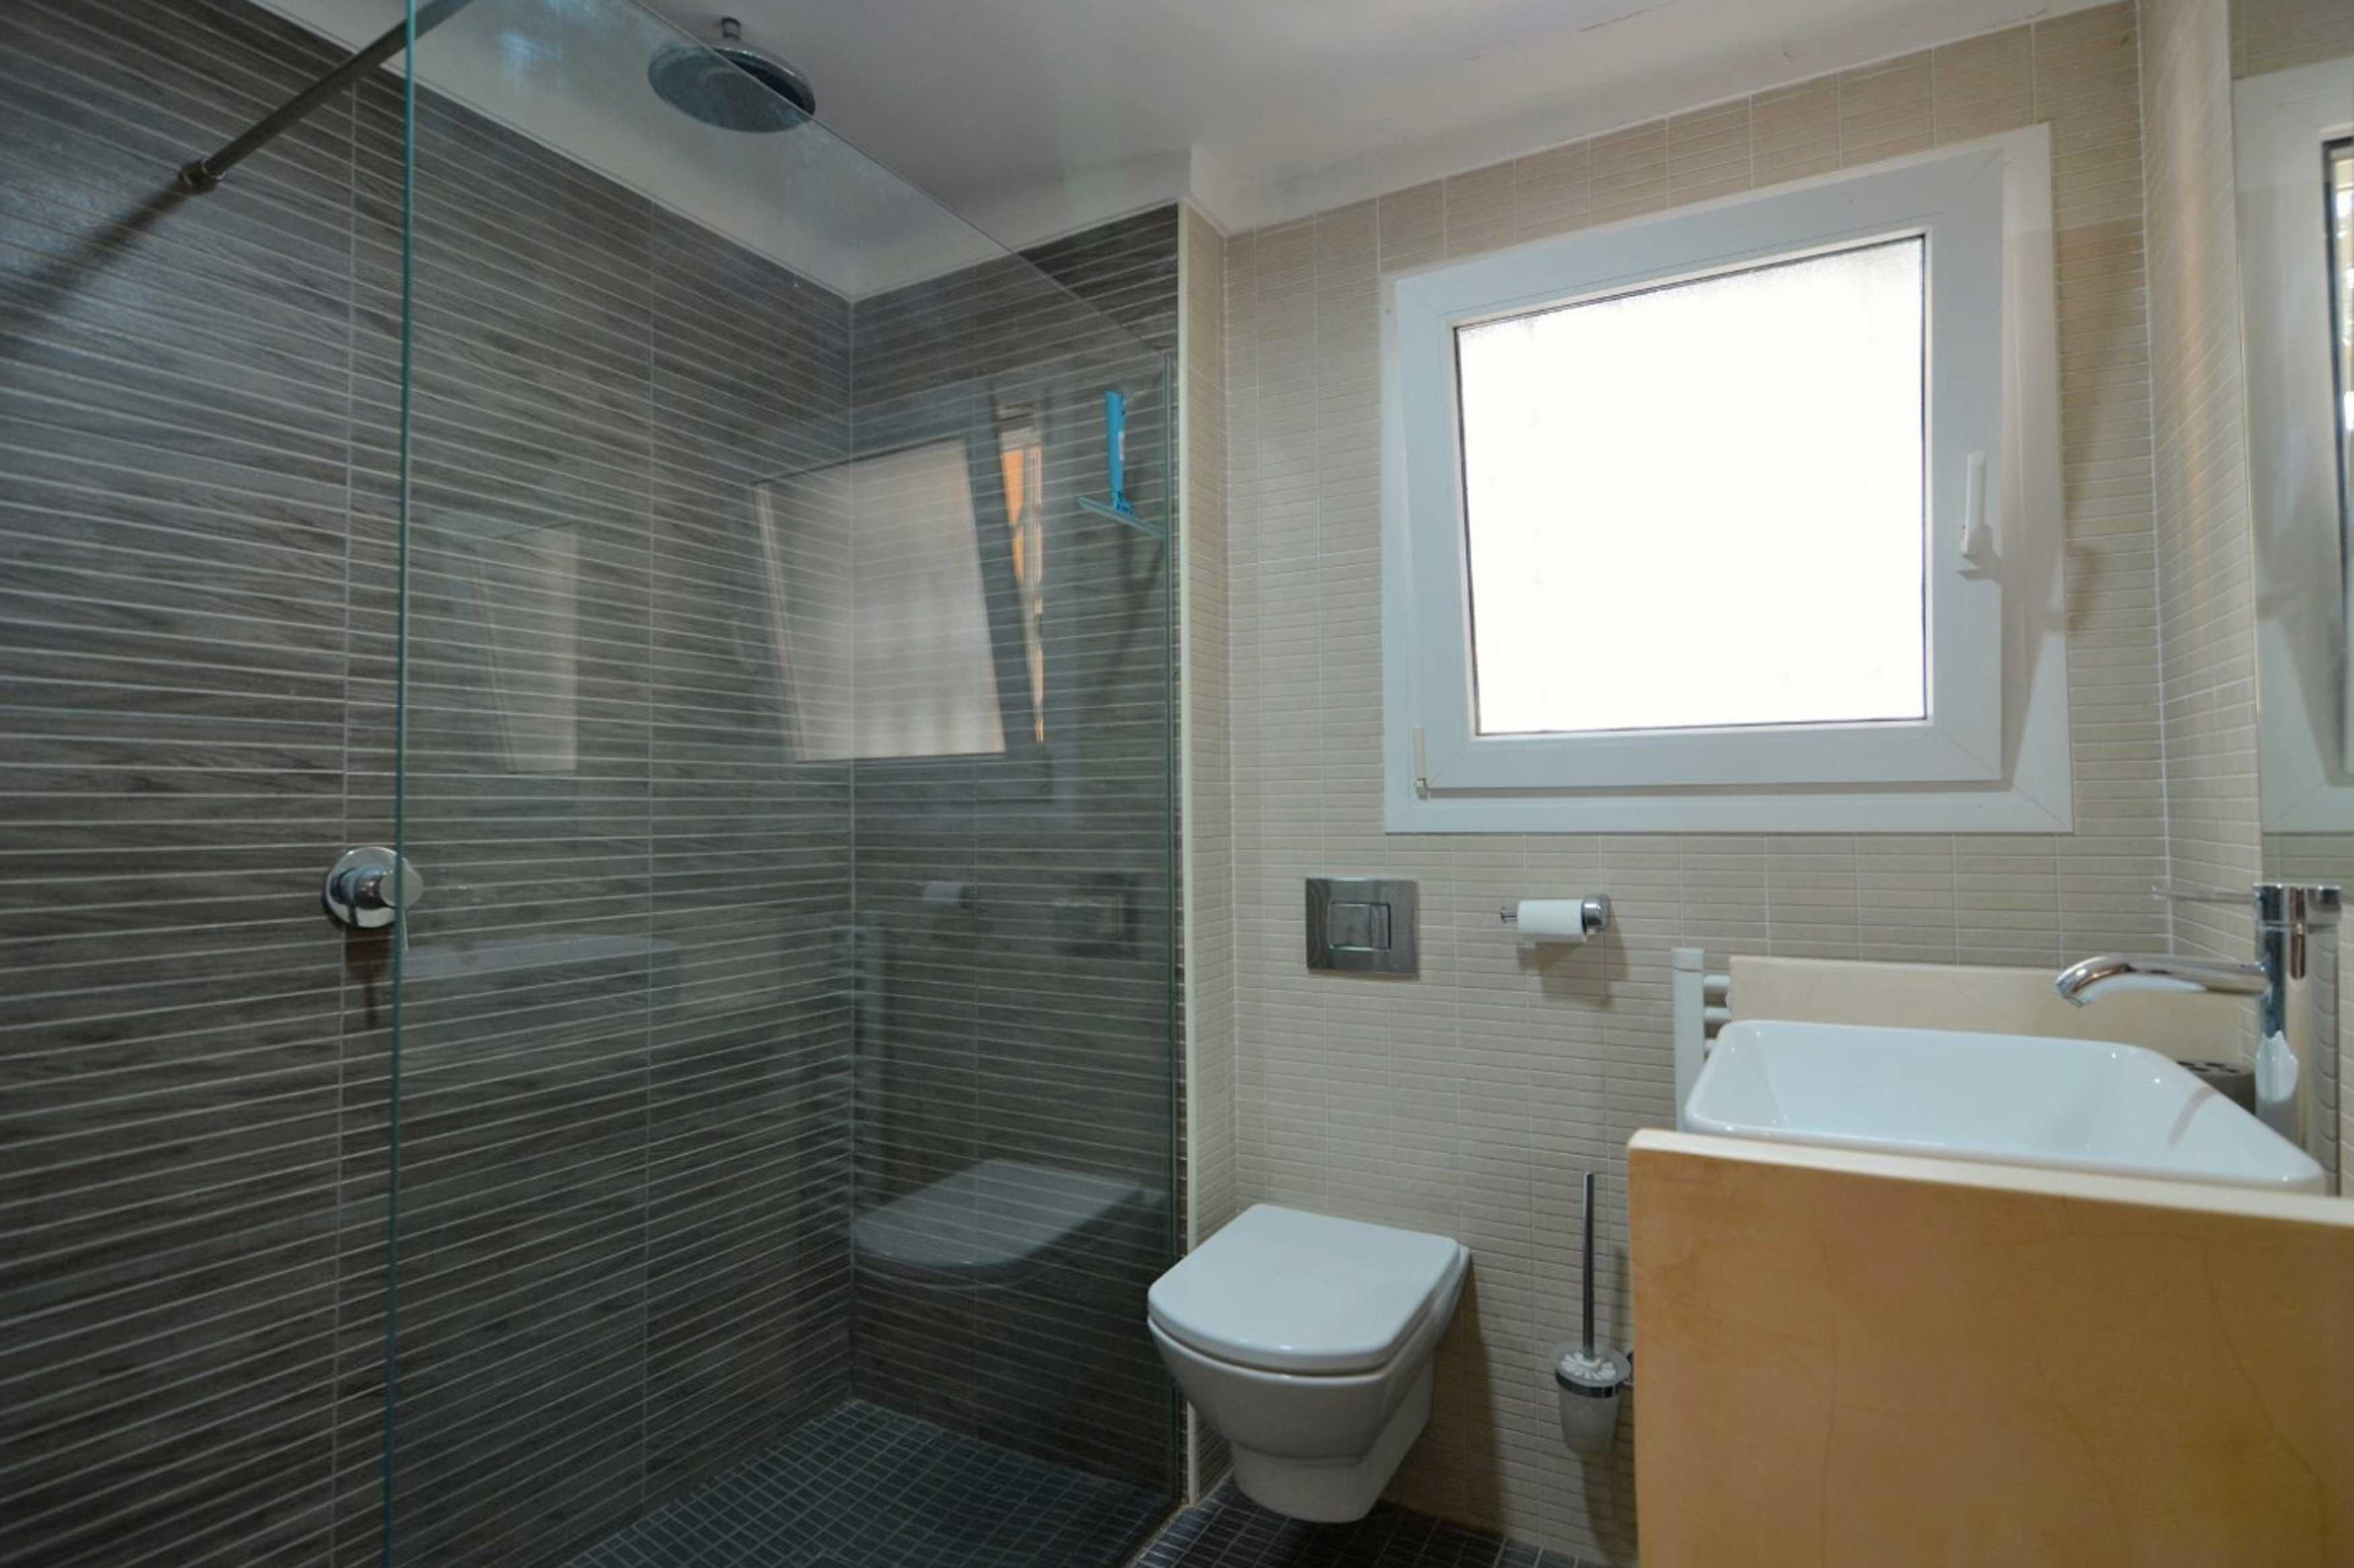 Badkamer met douche villa Buckingham